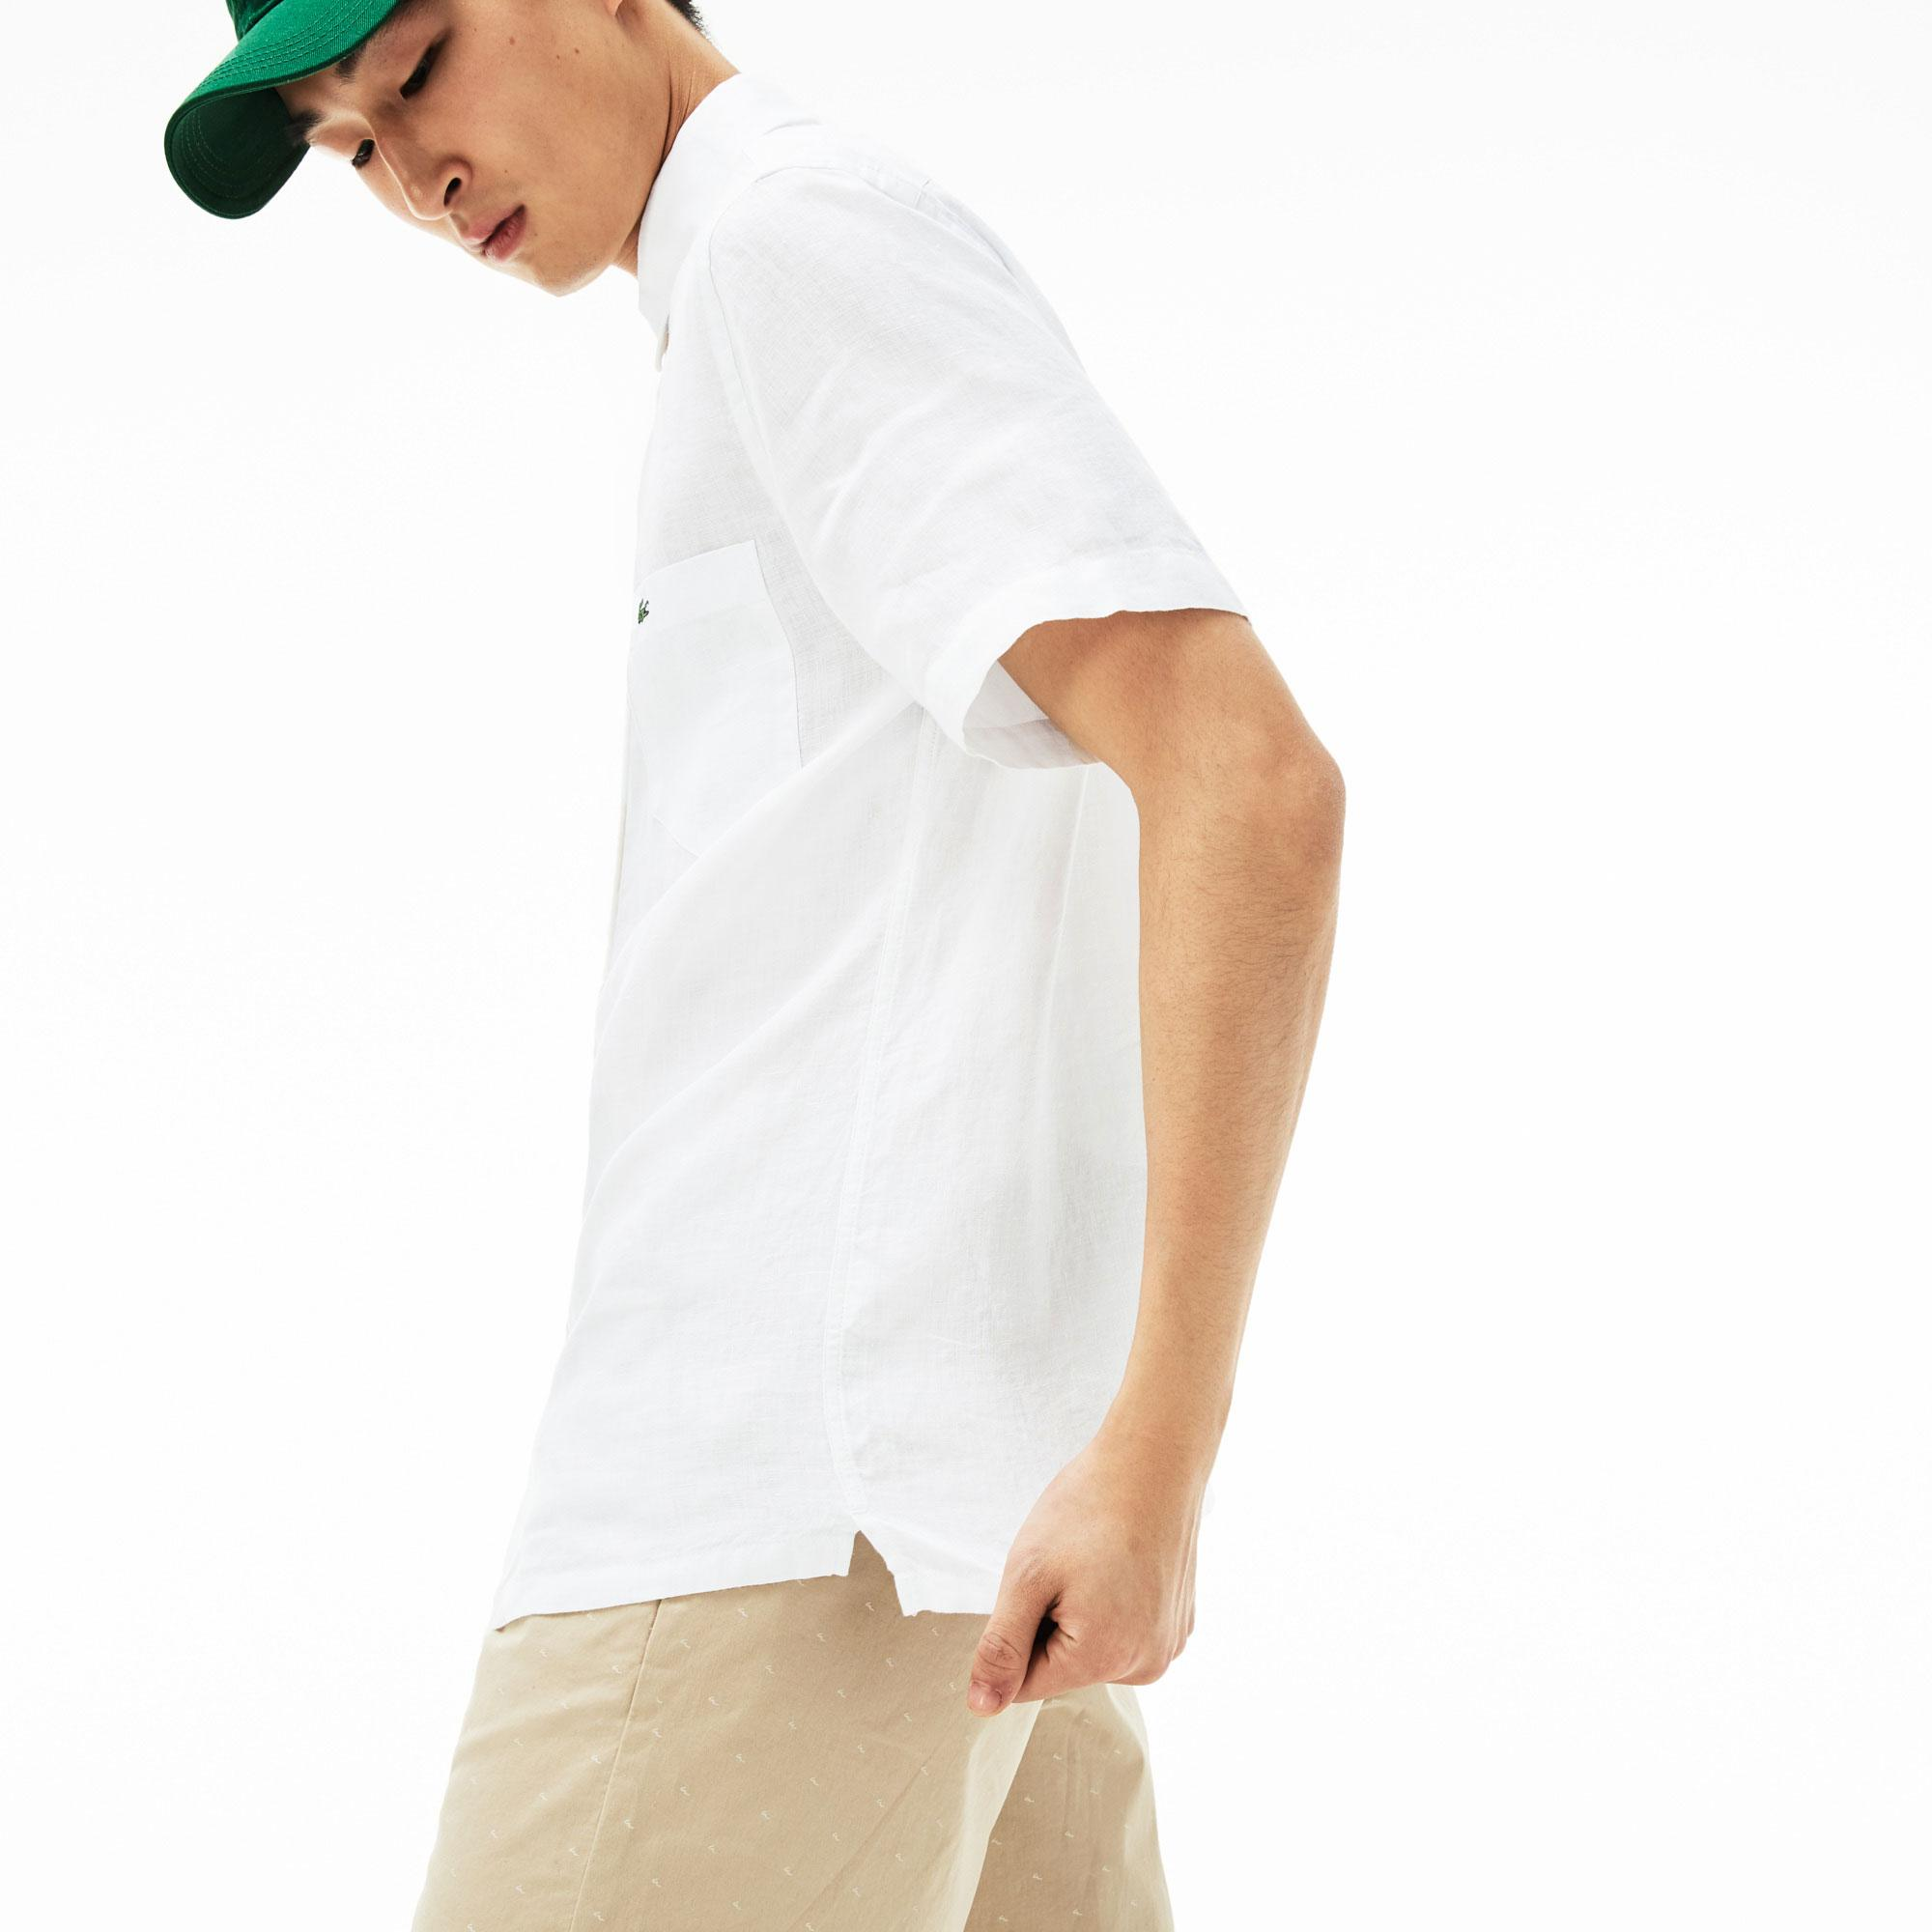 Lacoste Erkek Regular Fit Keten Beyaz Kısa Kollu Gömlek